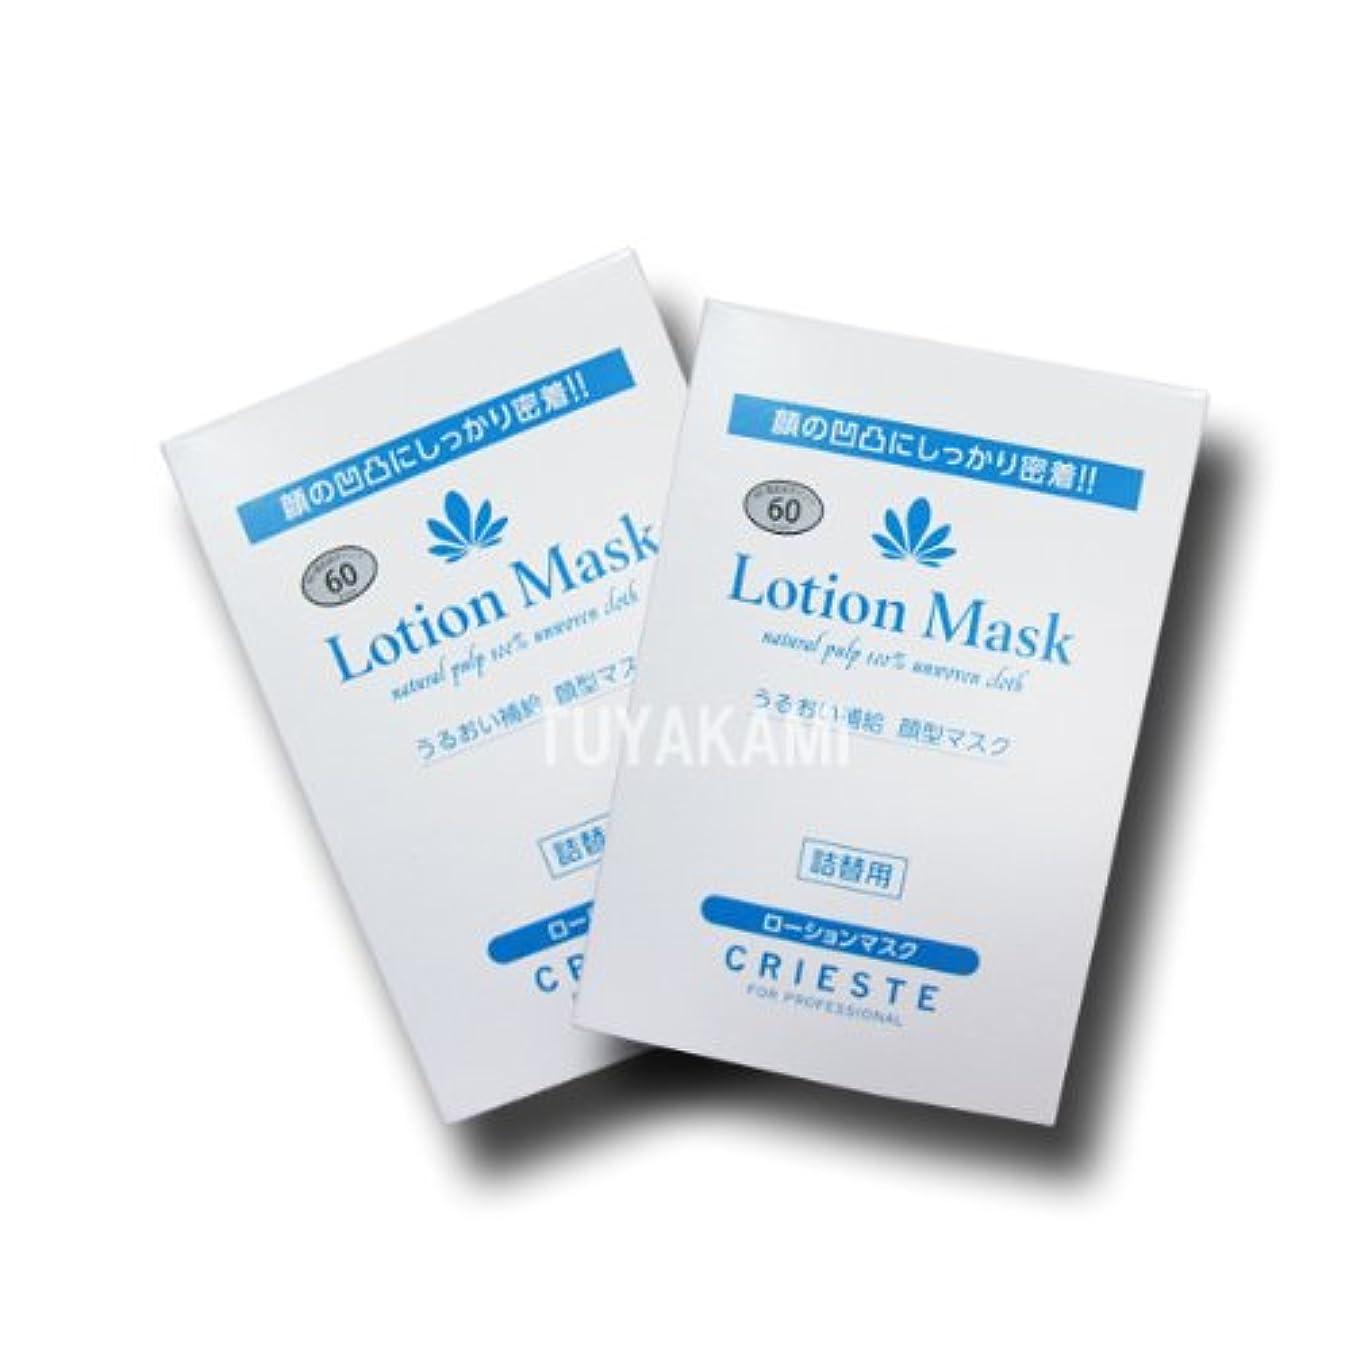 毛布傾斜入札クリエステ ローションマスク 詰替用 150コ入×2個